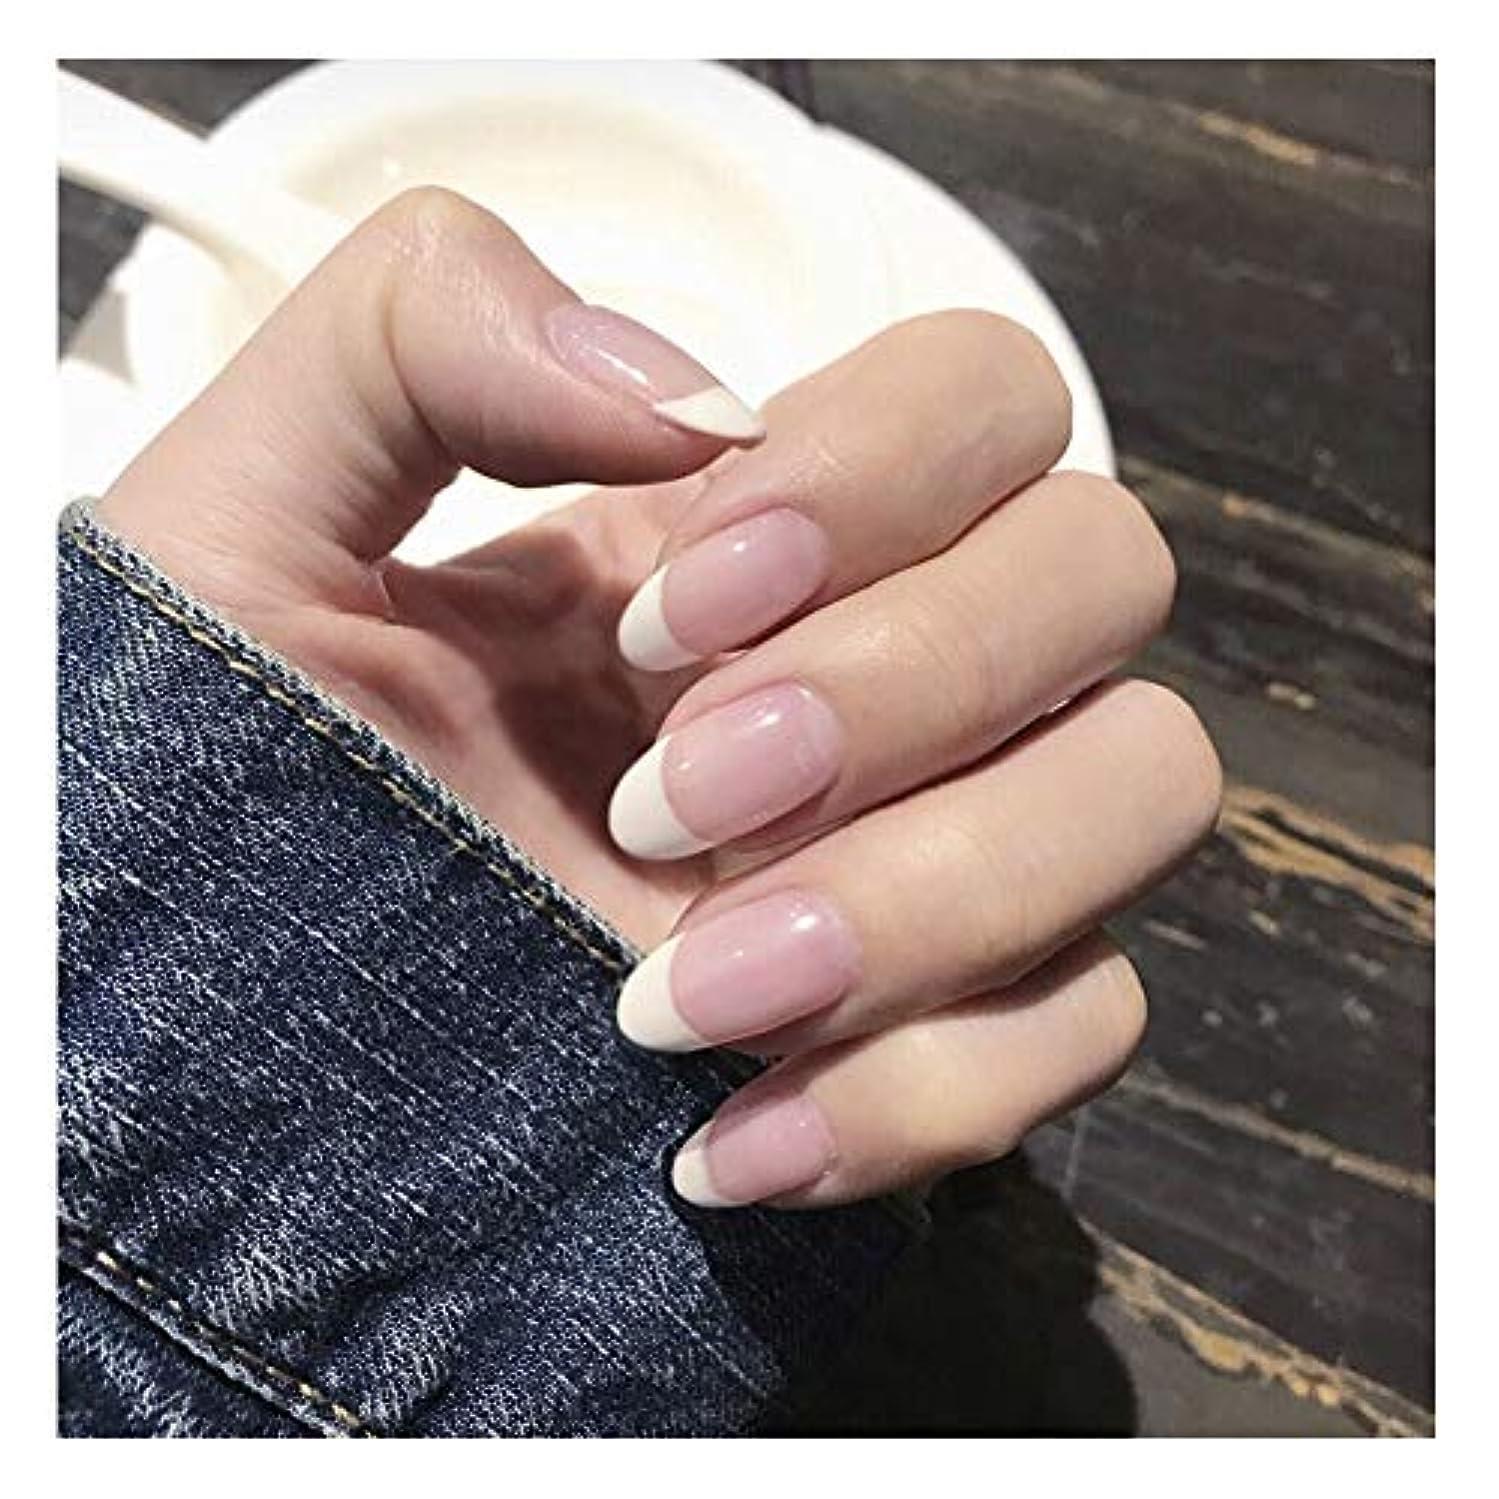 従者魅力的であることへのアピール入力HOHYLLYA 透明ピンク+ホワイト下部偽爪ロングネイルズグルー完成ネイル偽爪を指摘しました (色 : 24 pieces)